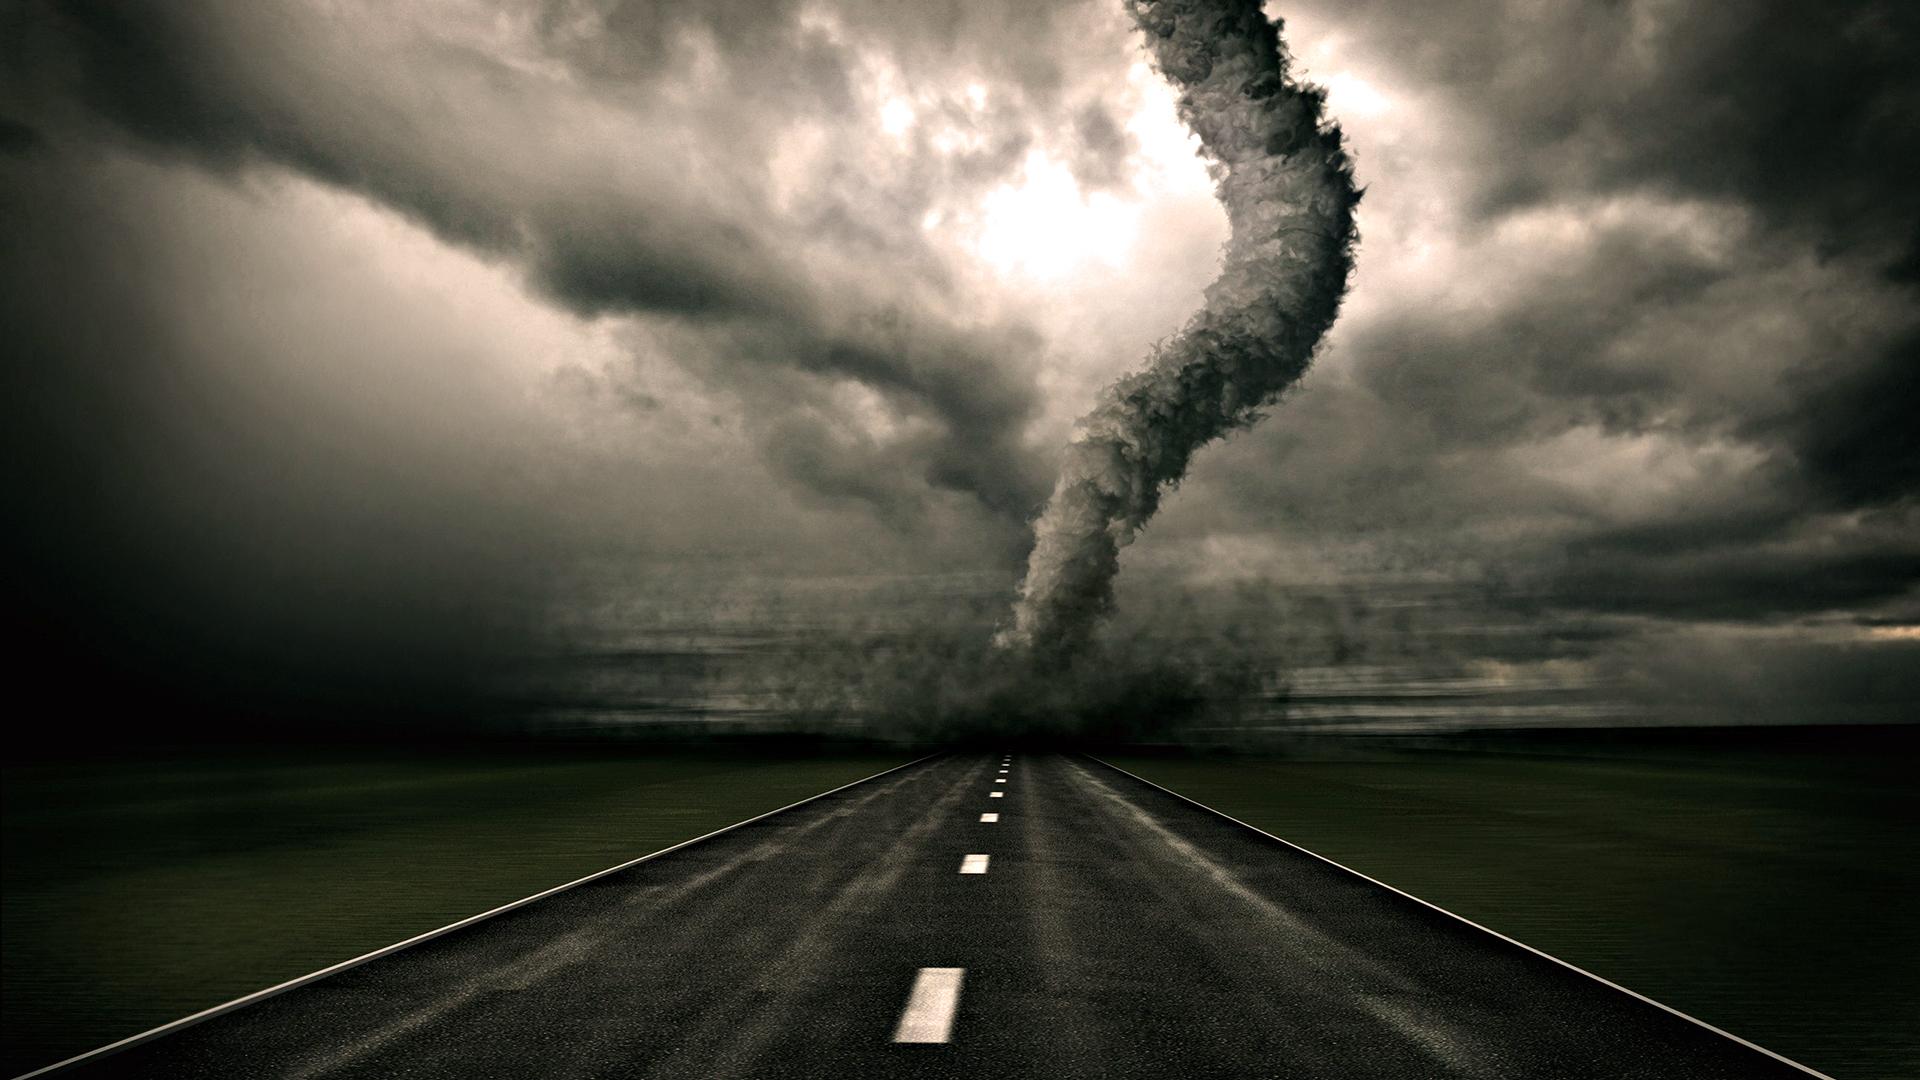 Sfondi desktop hd paesaggi tornado sfondi hd gratis for Sfondi desktop hd paesaggi